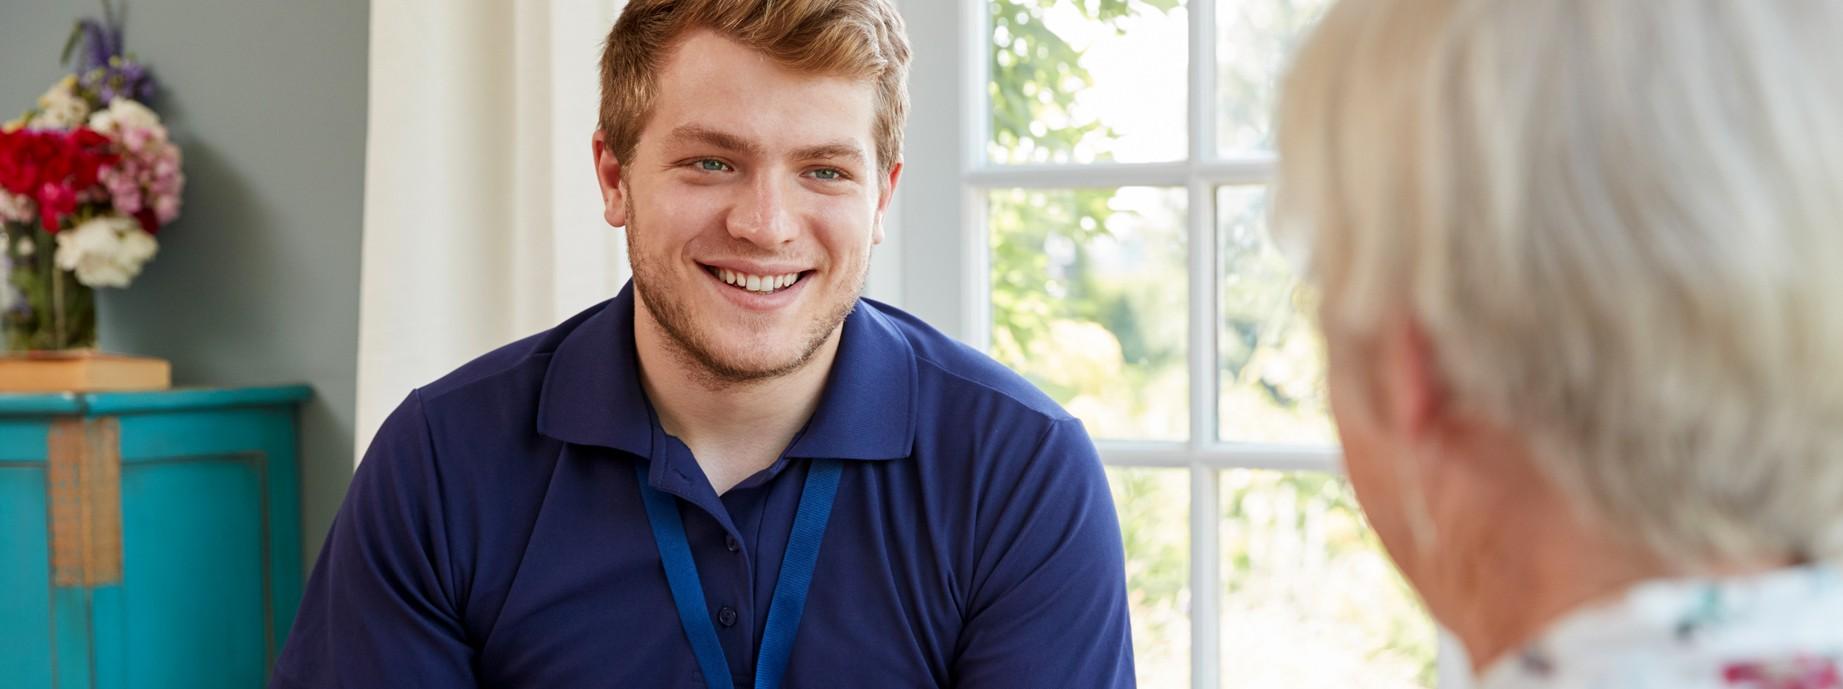 Ein junger Mann mit blauen T-Shirt sitzt auf dem Sofa und hat ein Klemmbrett in der Hand. Er lächelt eine blonde Frau an, die ihm gegenüber sitzt.